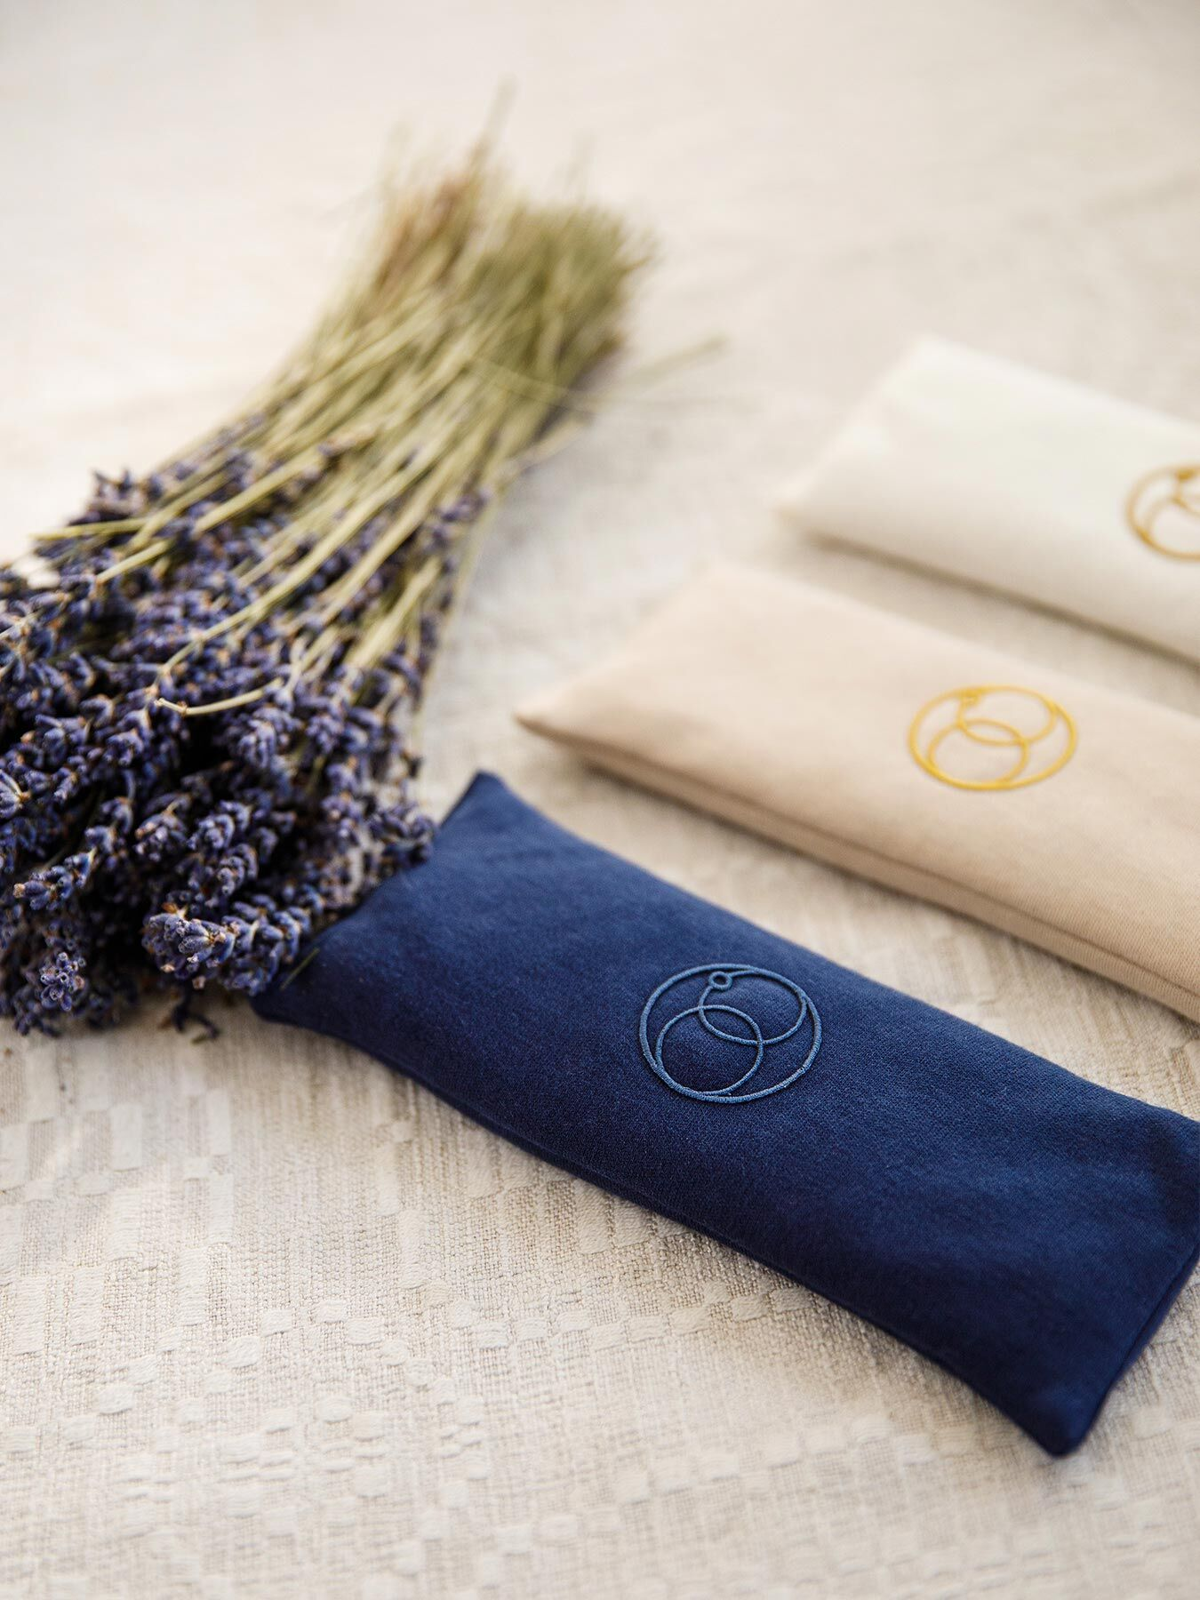 Die Entspannungs-Augenkissen in weiß, beige und blau neben einem Strauß Lavendel